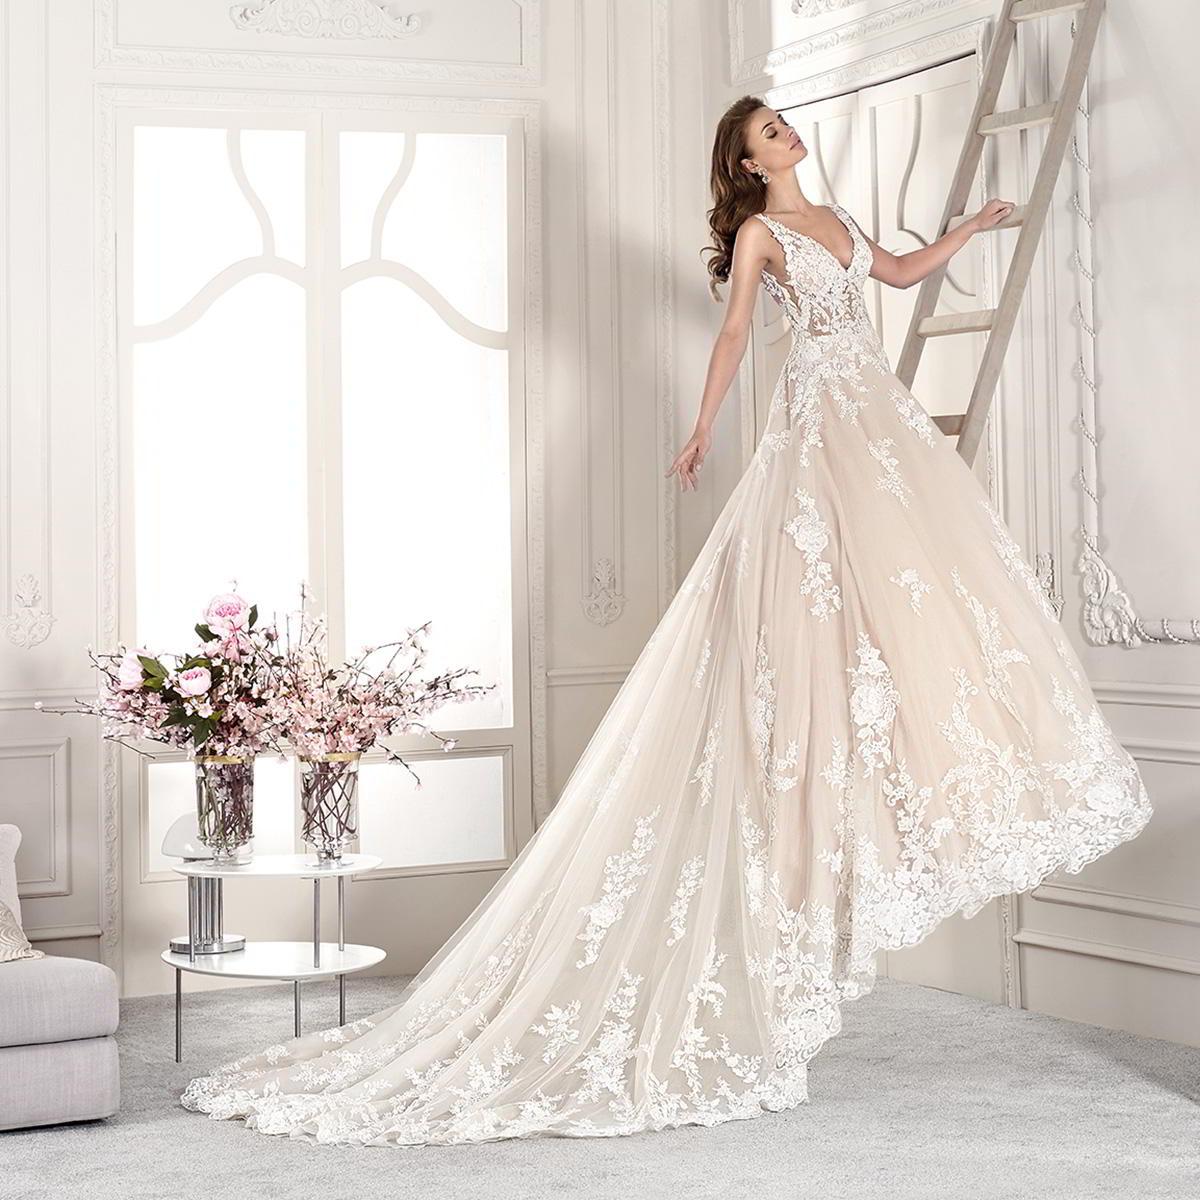 Dimitri Wedding Gowns: Demetrios 2019 Wedding Dresses